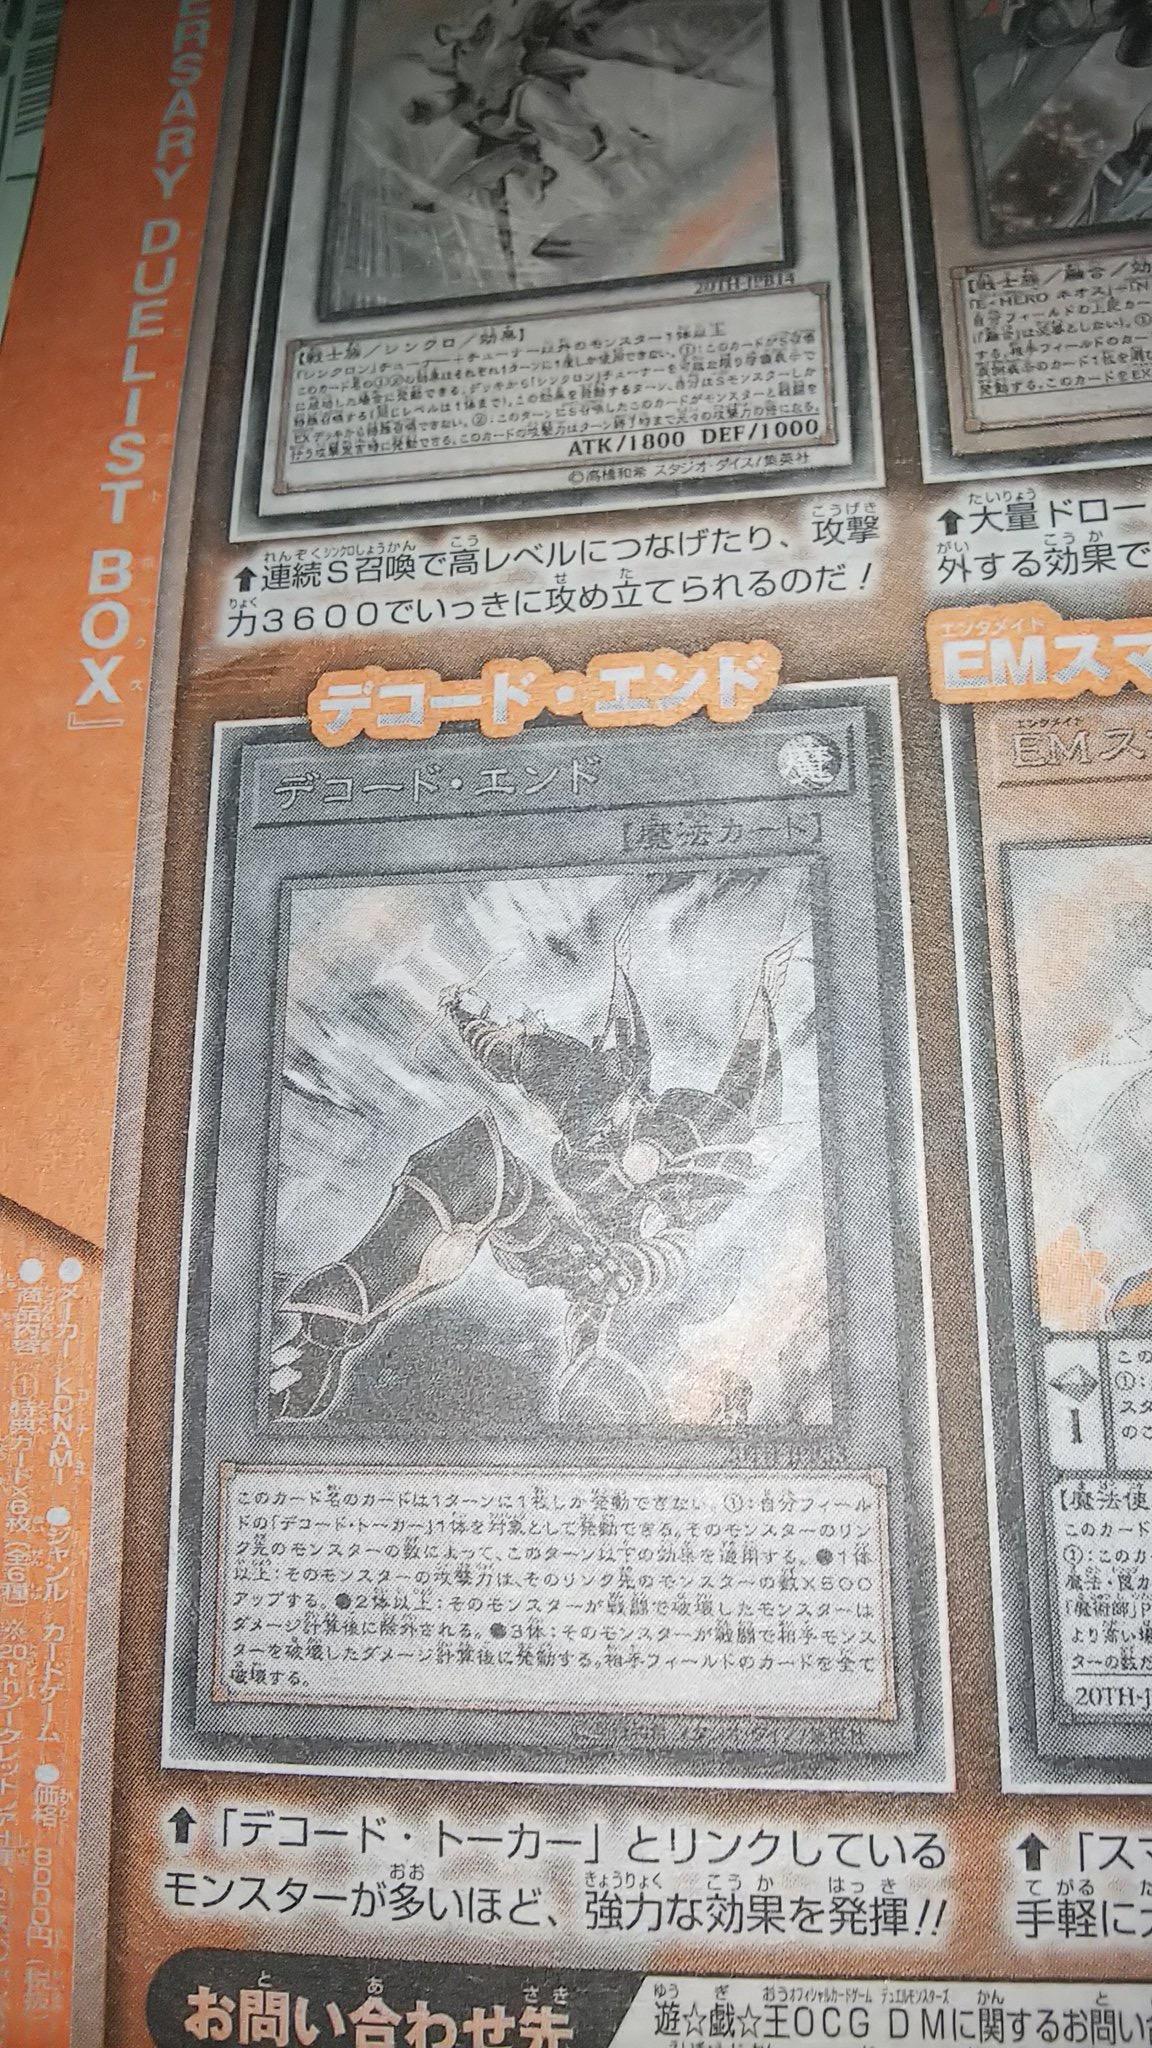 Νέες Κυκλοφορίες στο Yu-Gi-Oh! OCG - Σελίδα 37 9B2D2F08-5907-4A8C-84A6-A9C33200398C